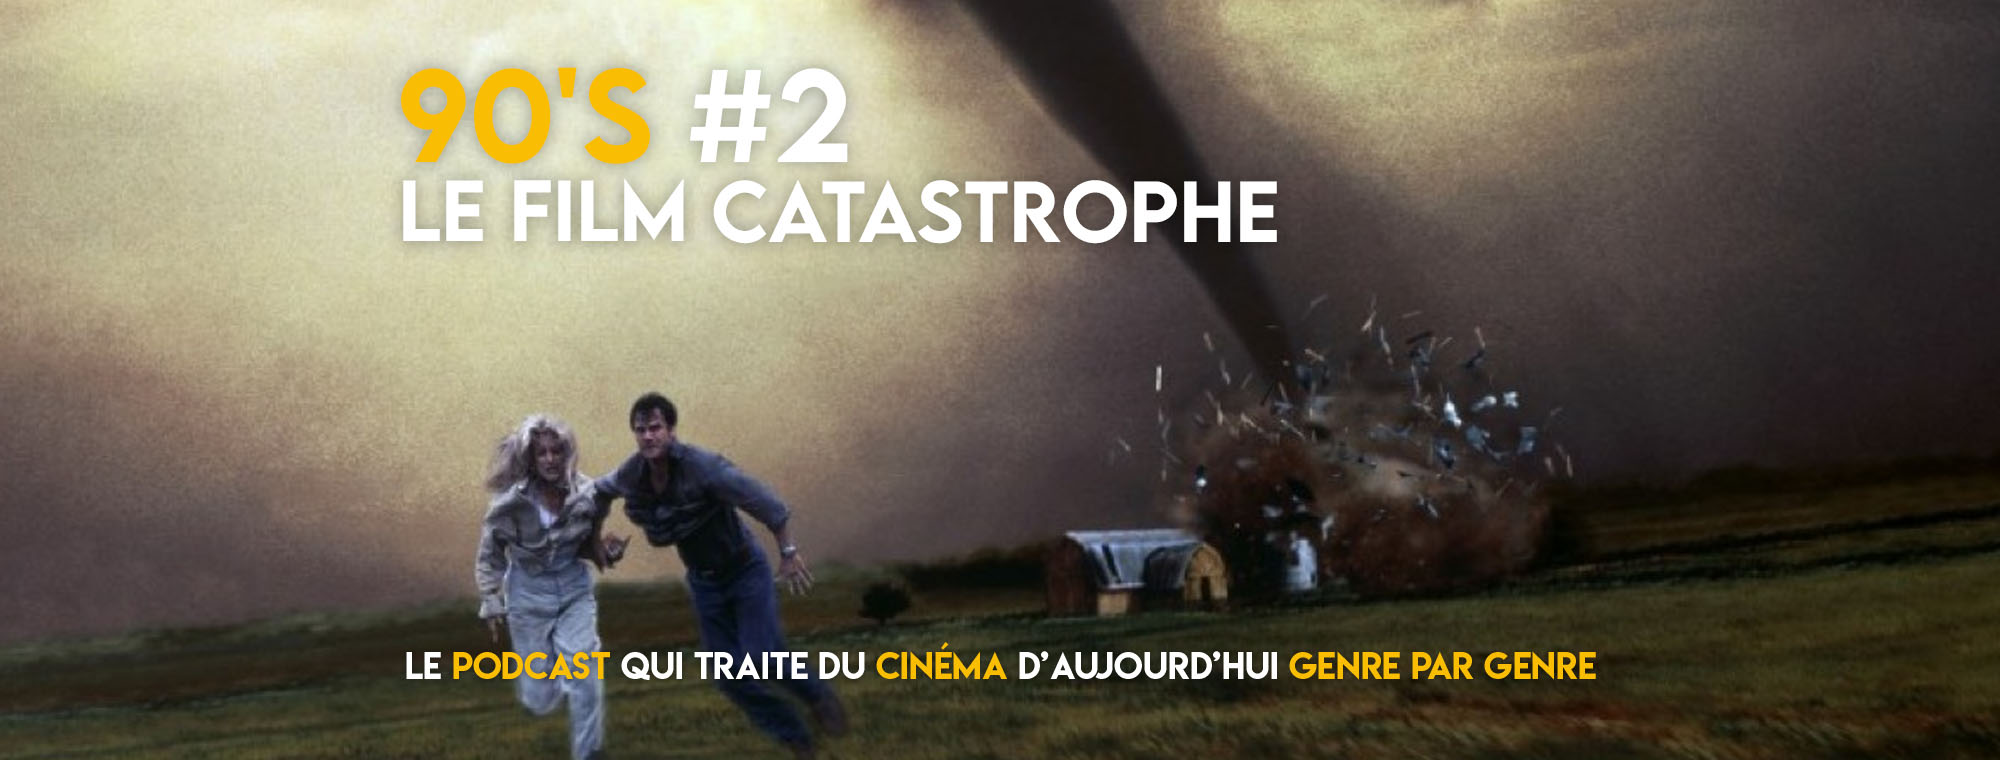 Parlons Péloches - 90's #2 Le film catastrophe